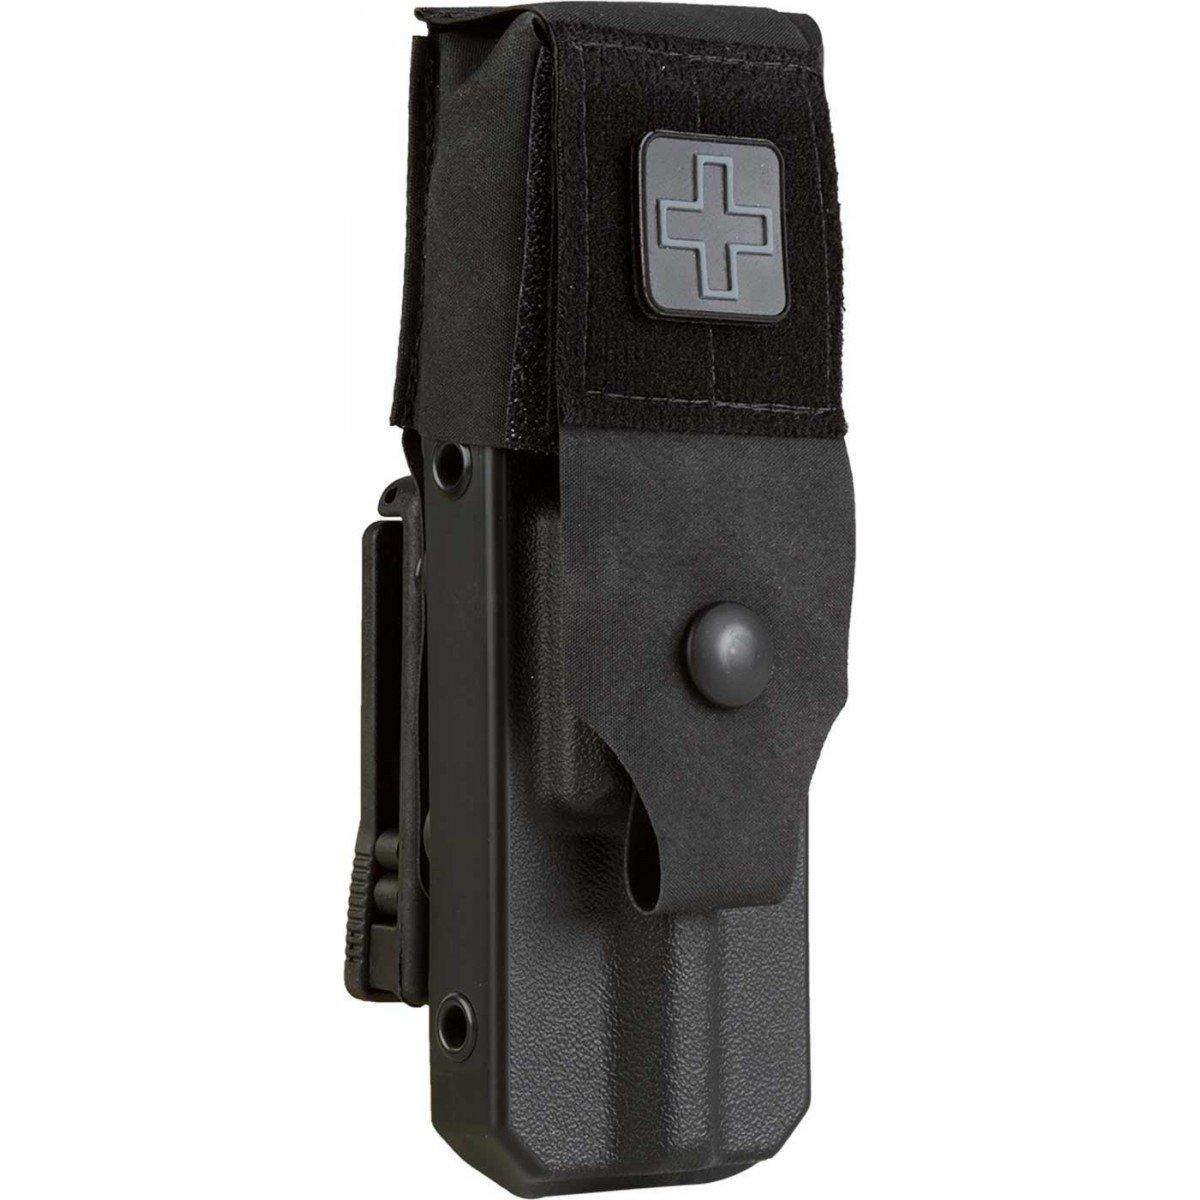 NAR Rigid C-A-T Tourniquet Case With Cover & Tourniquet Combination - GEN 7 (black)